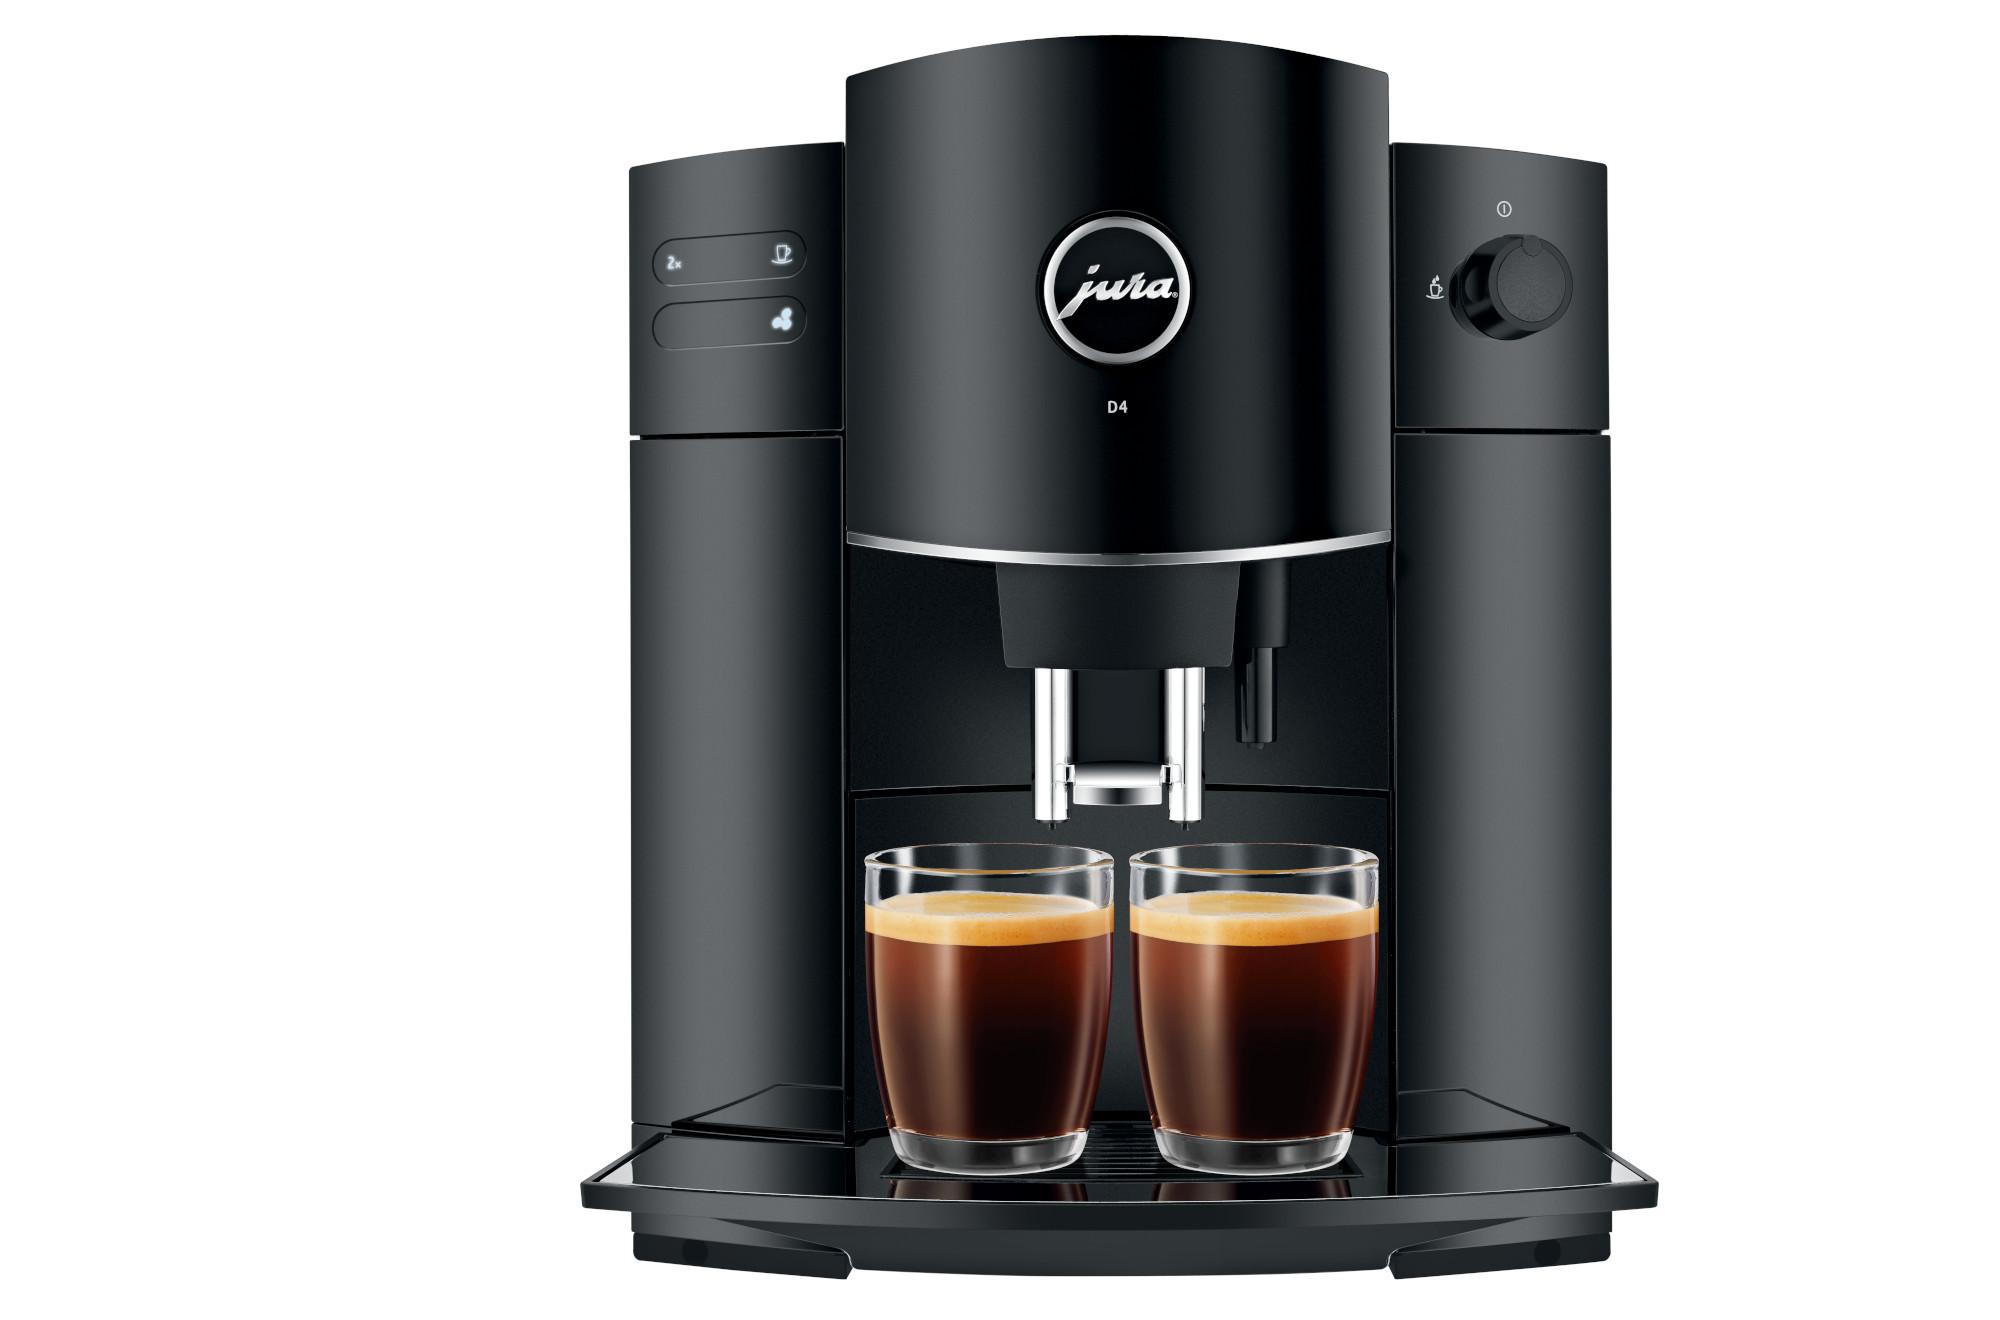 Der Kaffeevollautomat Jura D4 kann in einem Durchgang auch zwei Espressi oder einen doppelten aufbrühen (Bild: Jura)